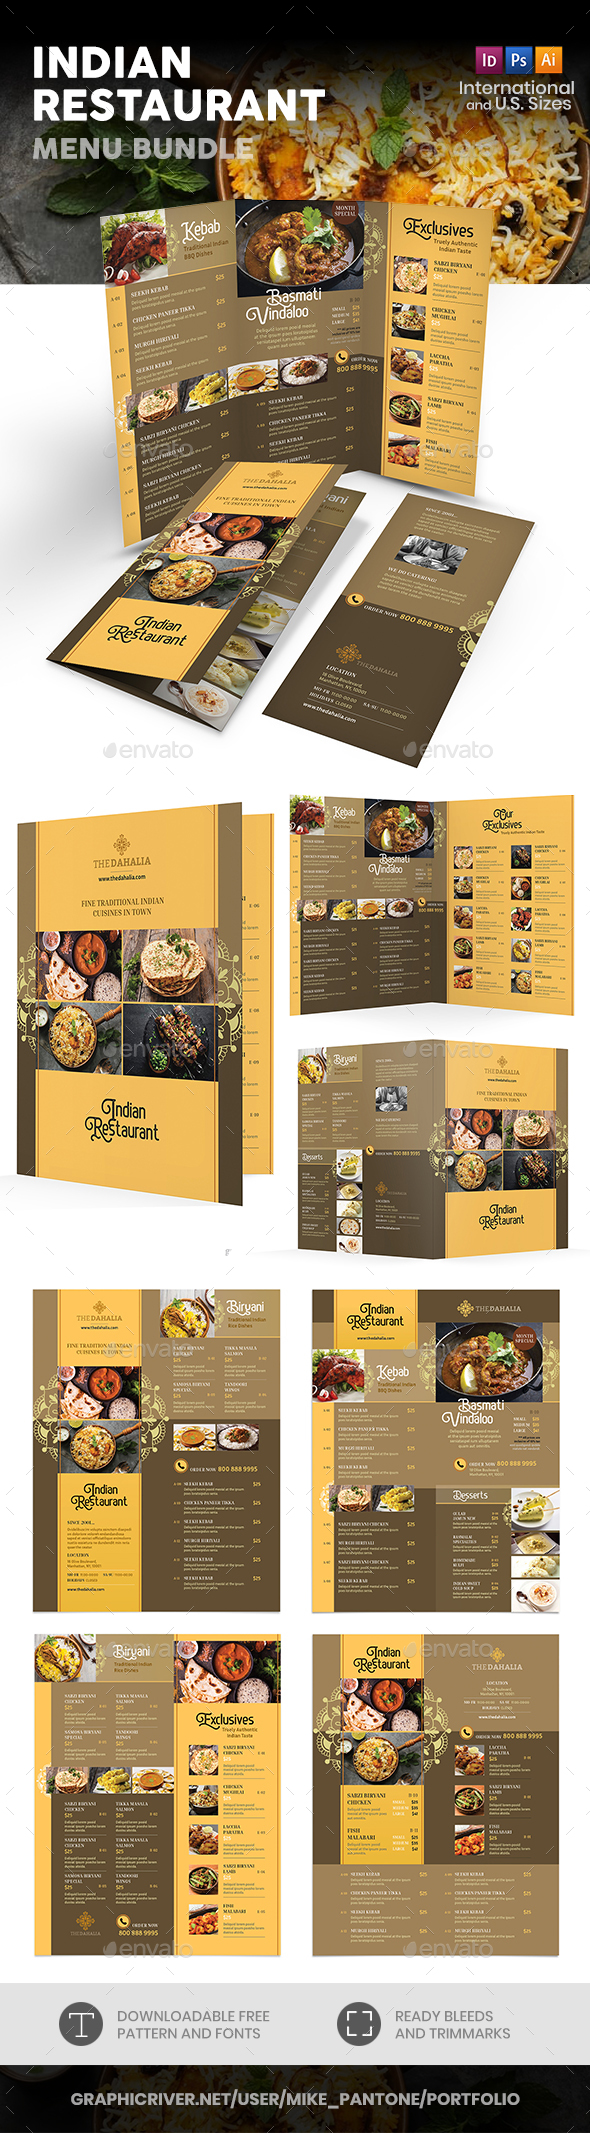 Indian Restaurant Menu Print Bundle 2 - Food Menus Print Templates